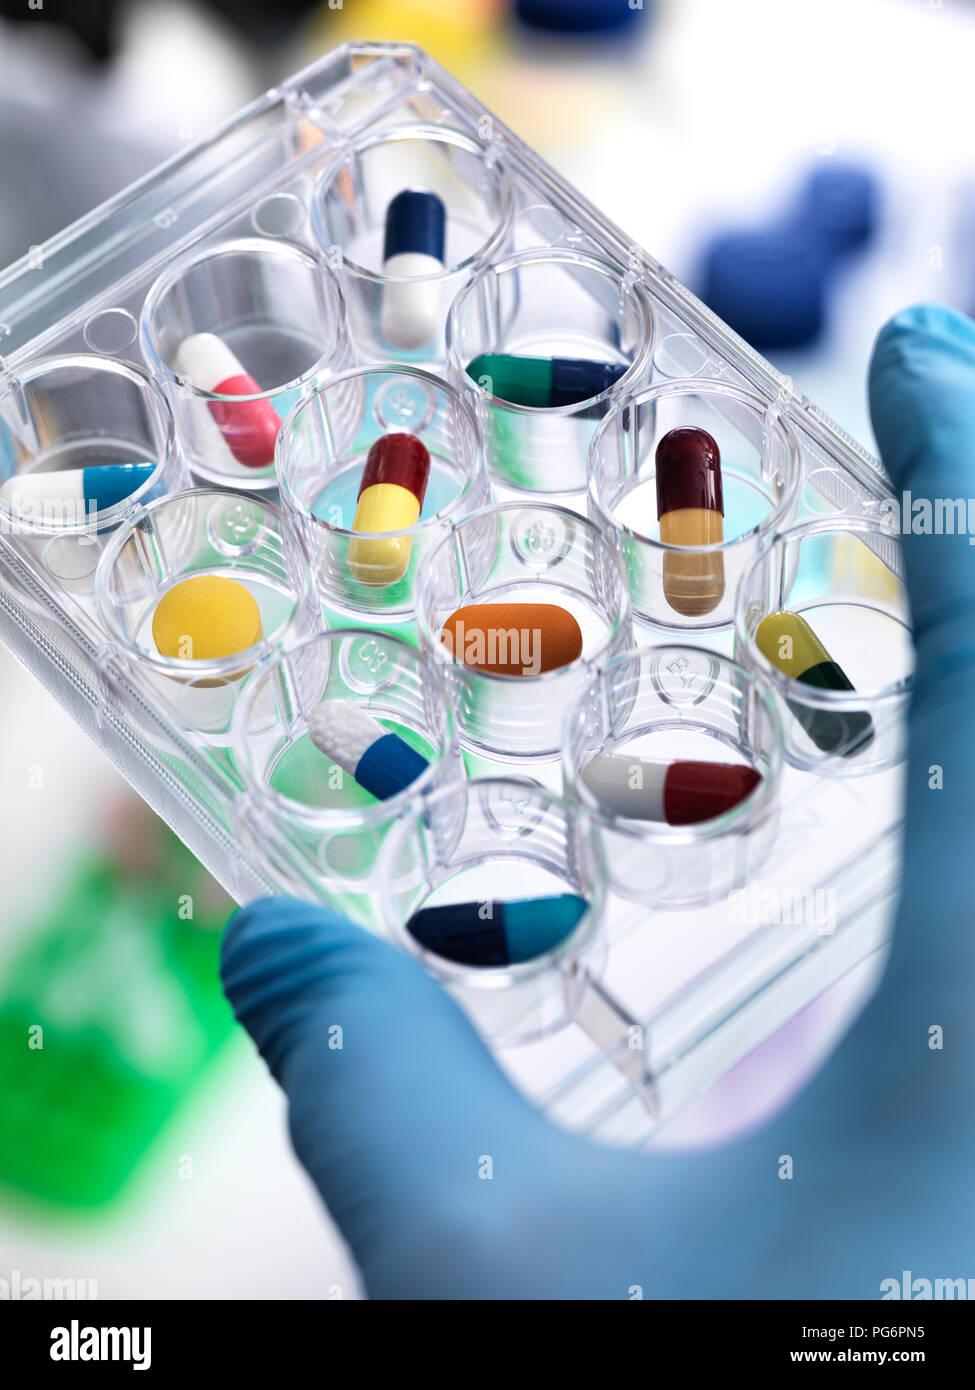 La ricerca farmaceutica, scienziato tenendo un multi pozzetti contenenti farmaci per essere testato in laboratorio Immagini Stock